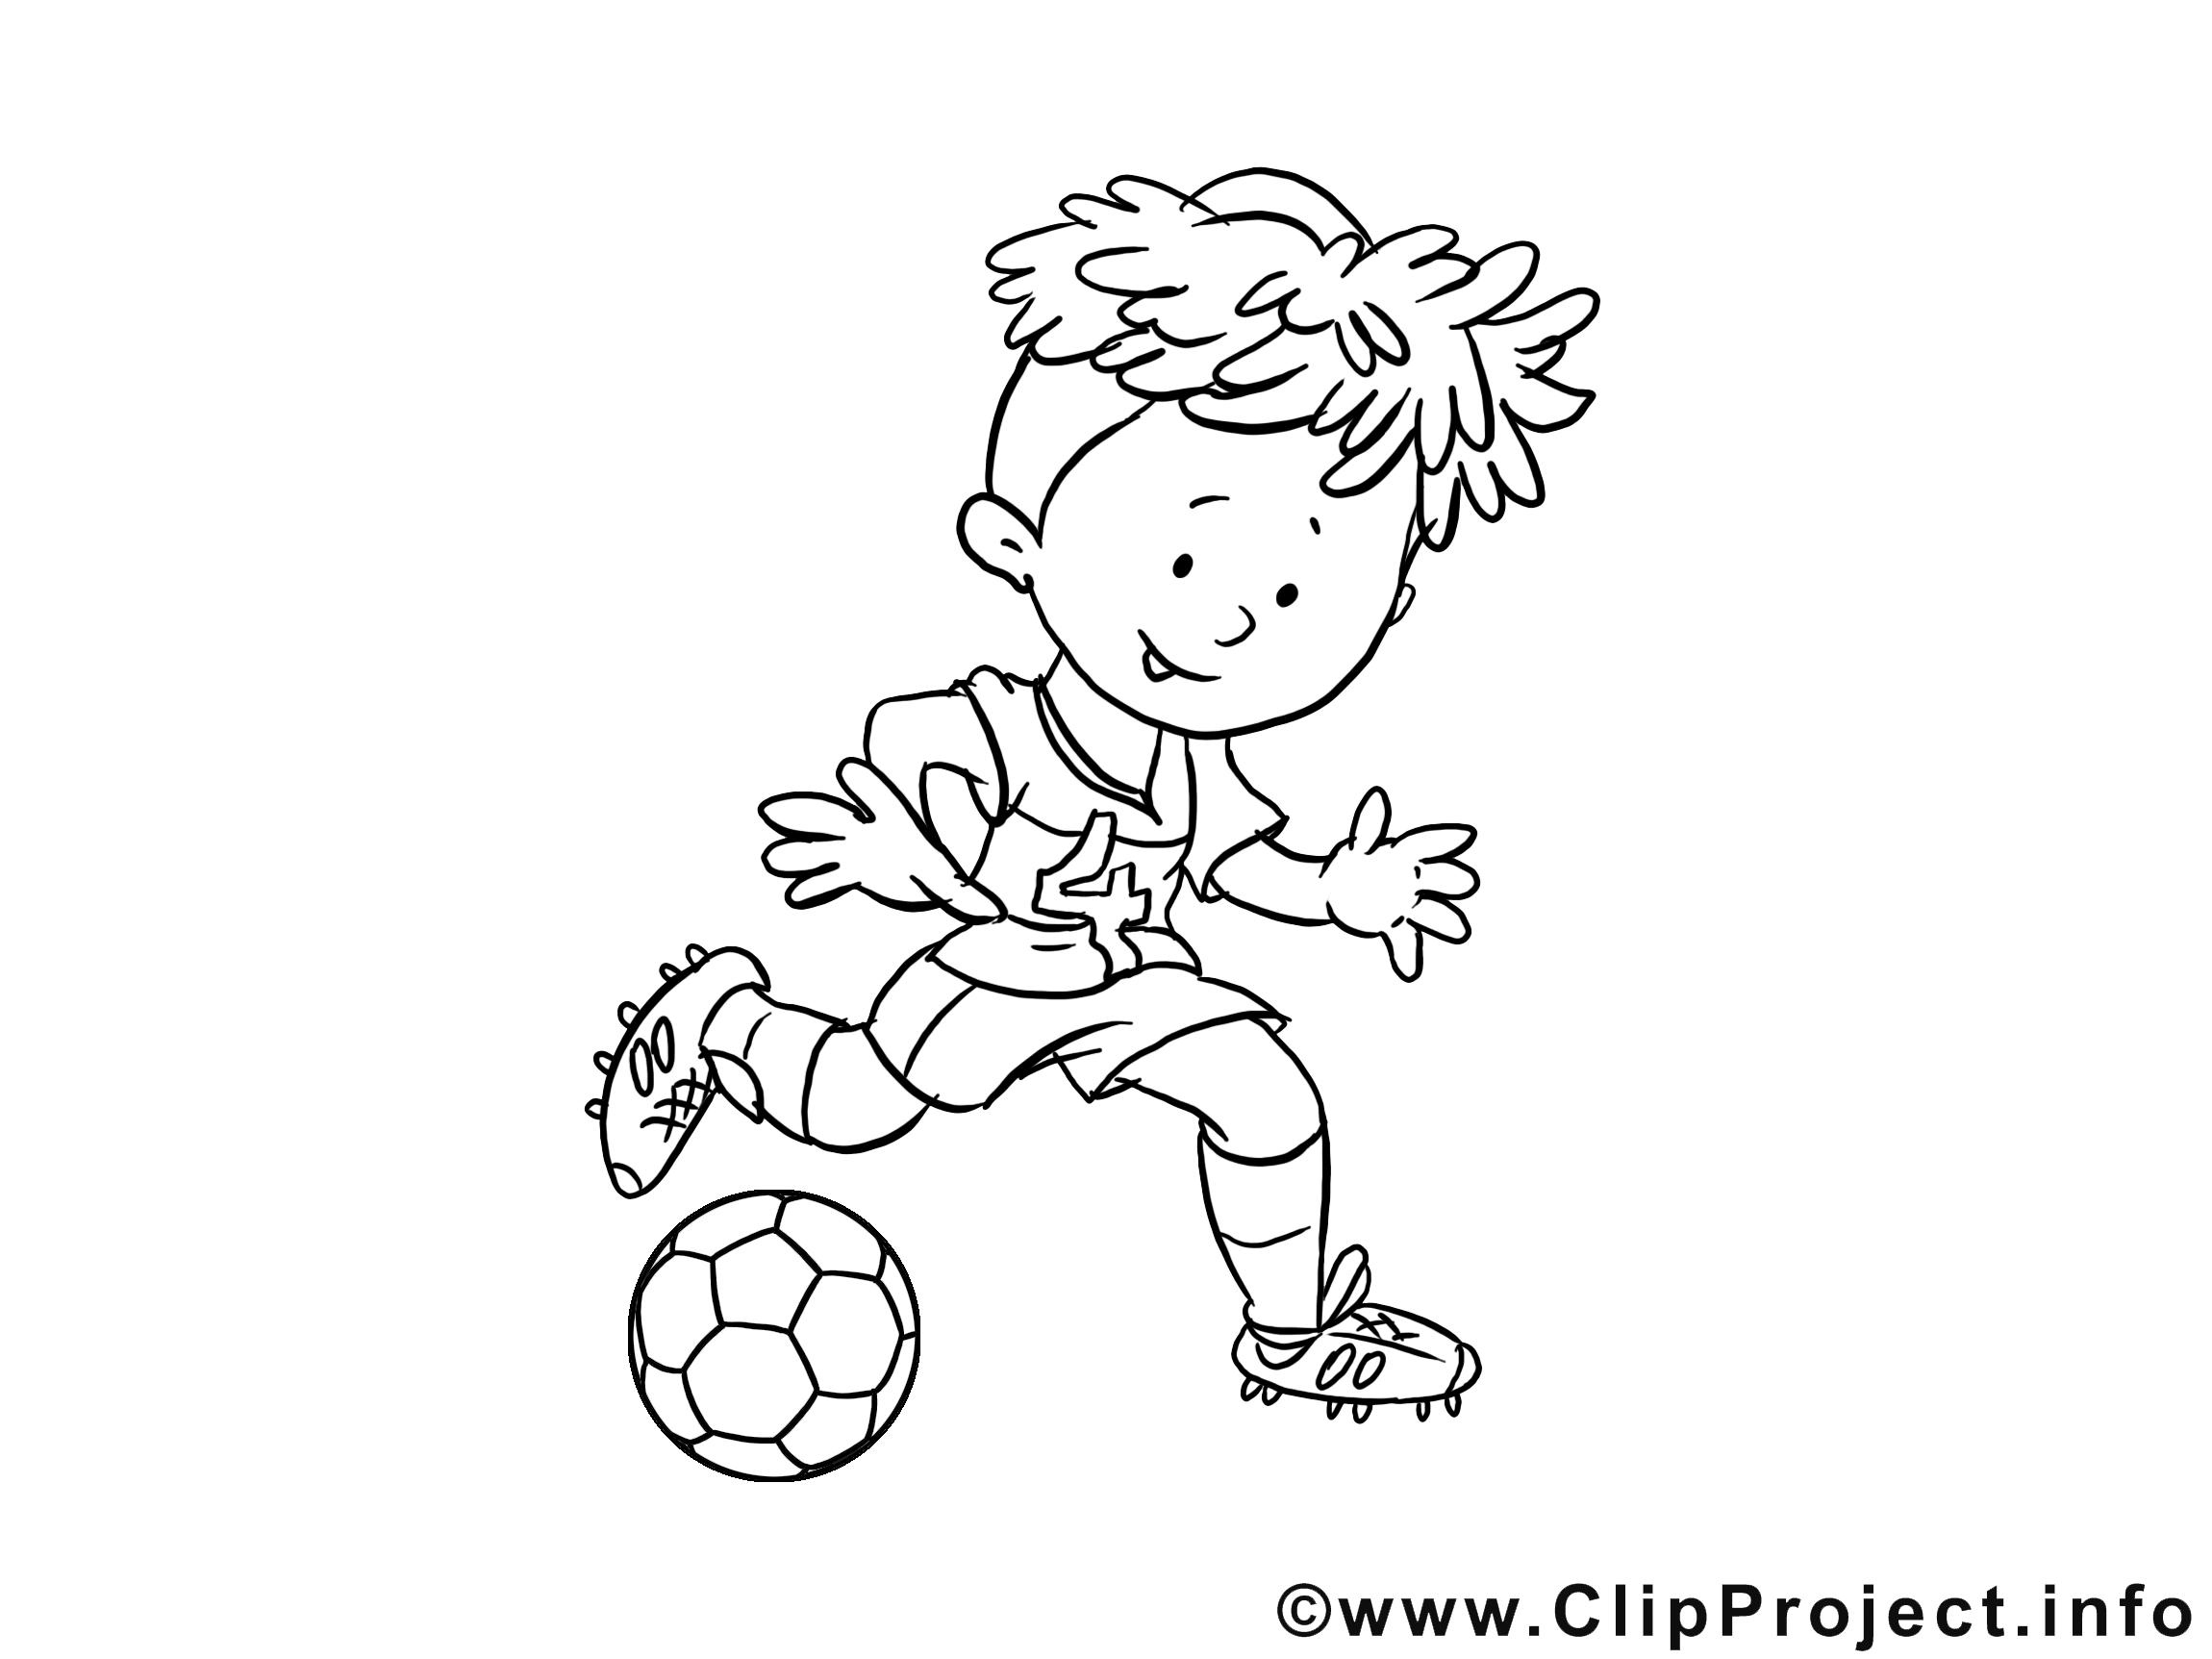 Footballeur clipart football dessins colorier football coloriages dessin picture image - Footballeur a colorier ...